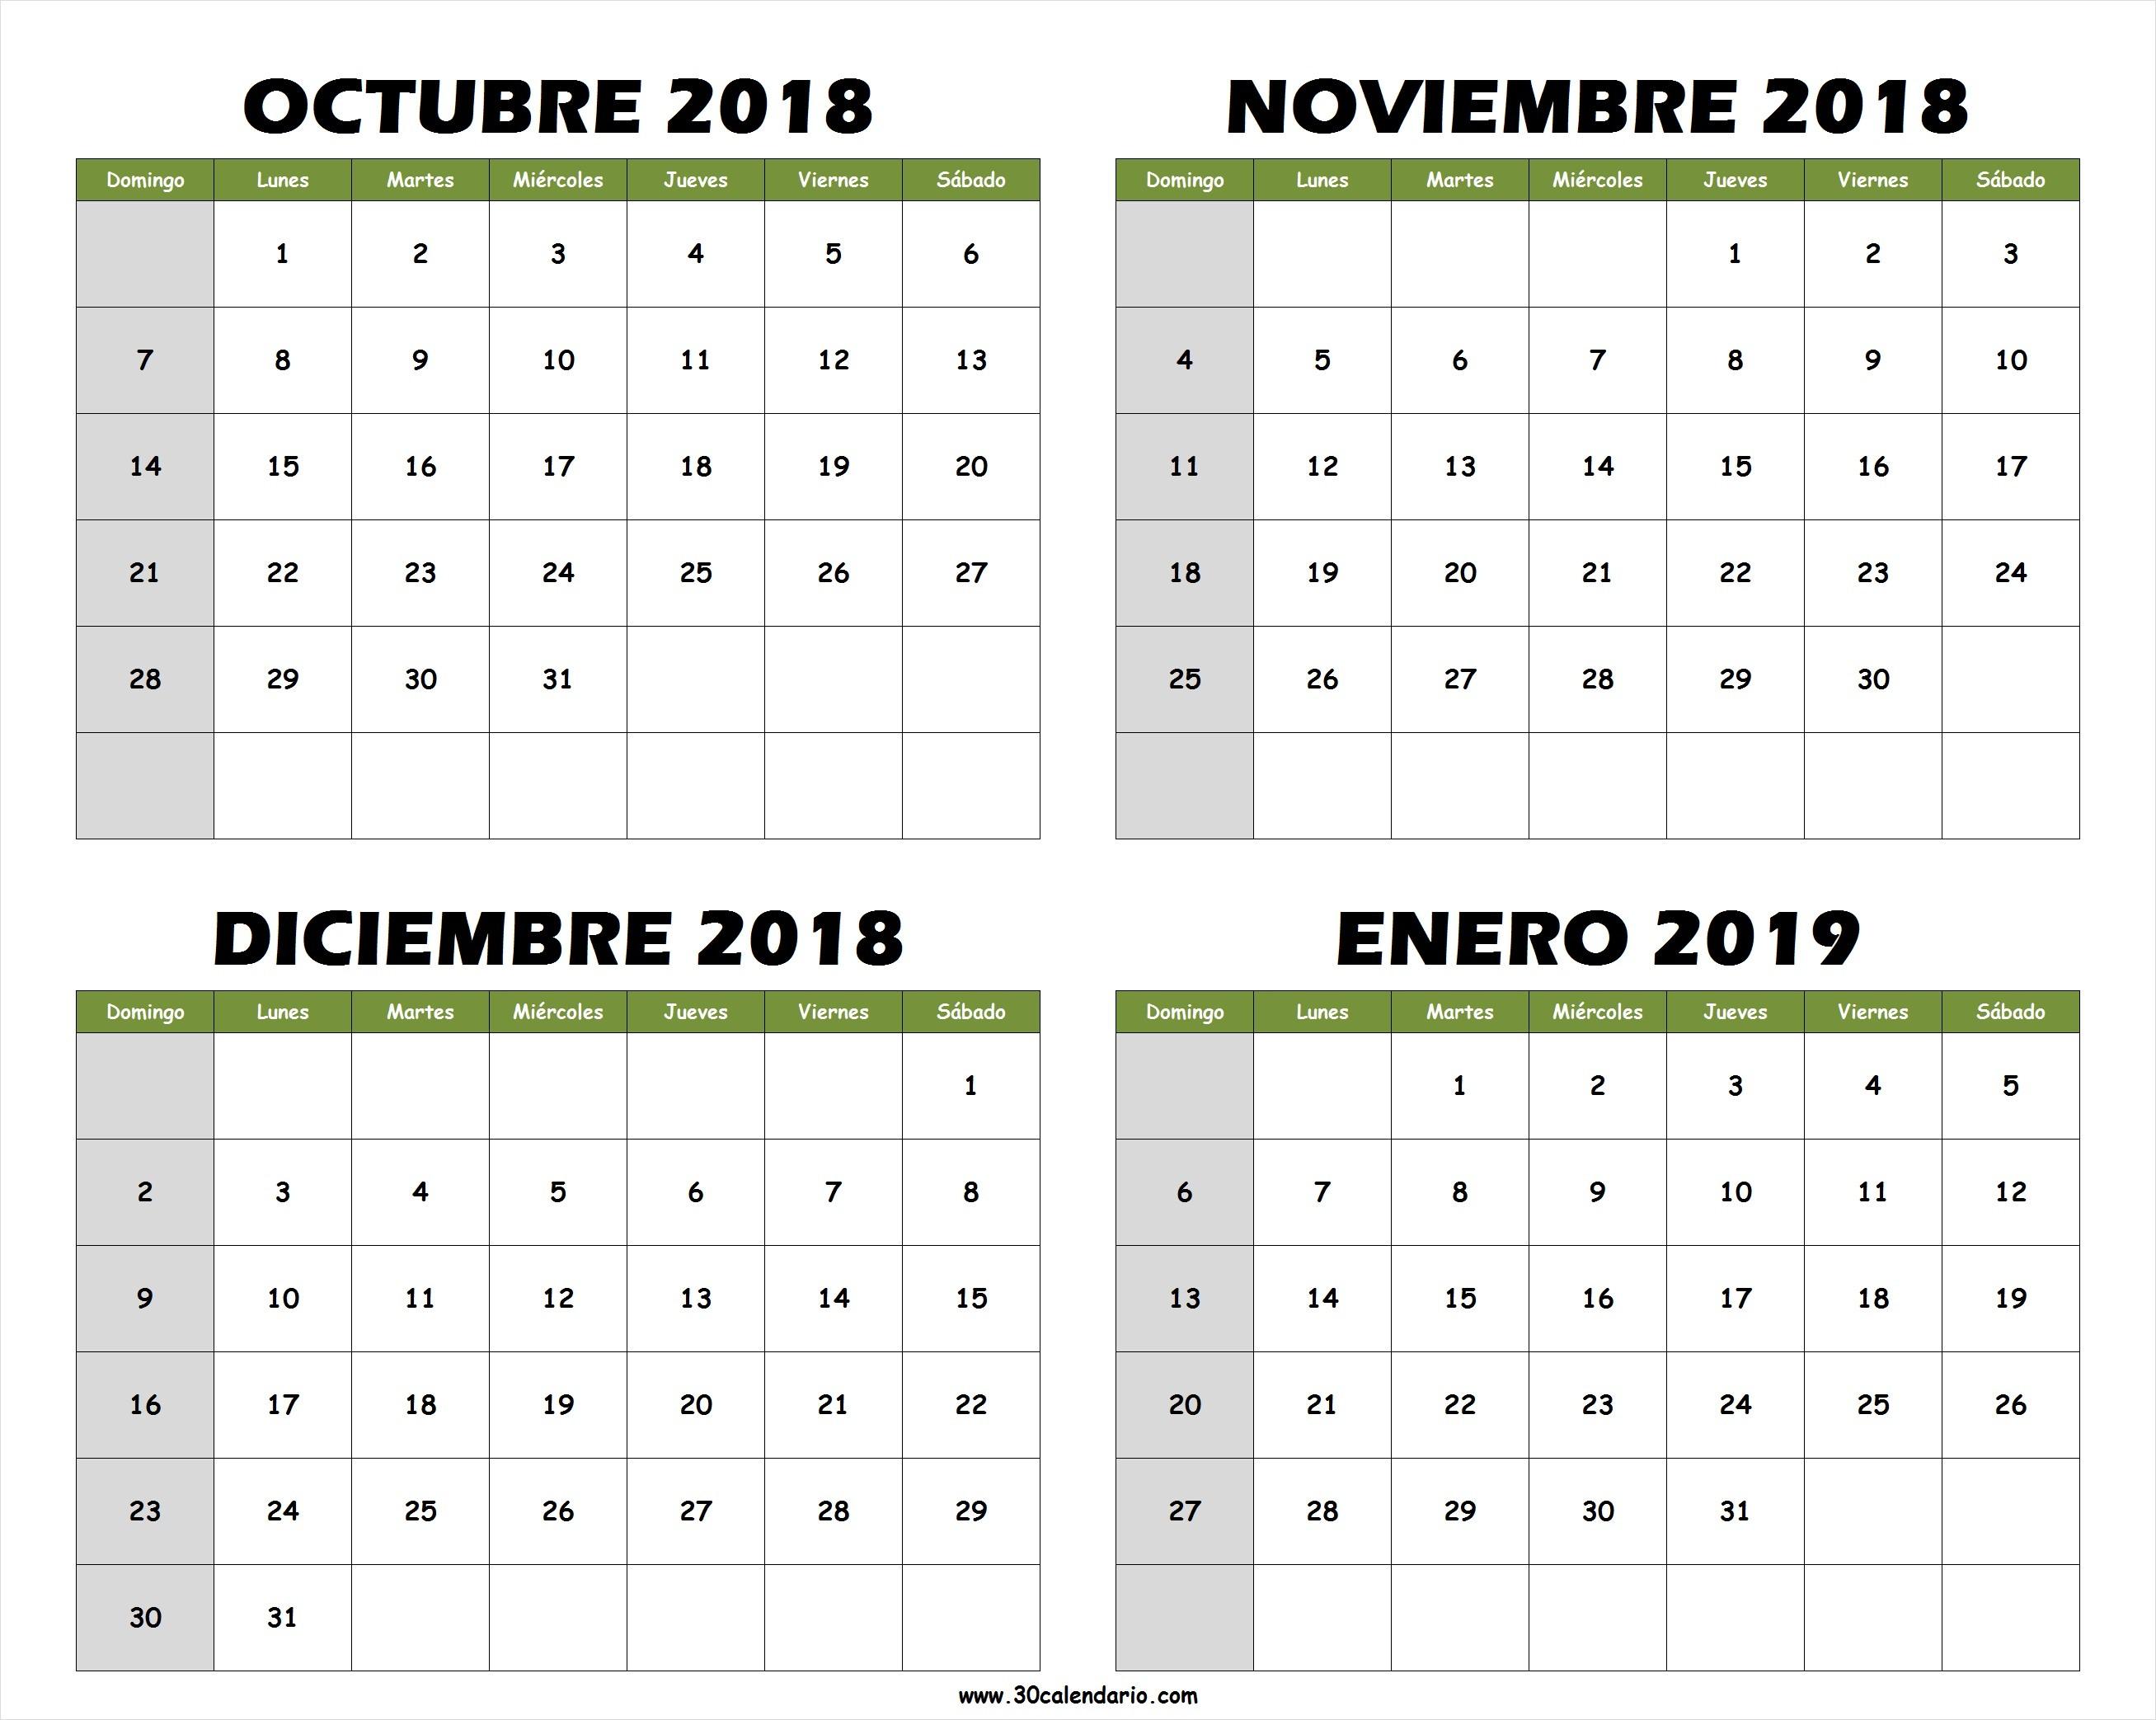 Calendário 2019 Feriados Nacionais Más Recientes Calendario Octubre 2018 Colombia T Of Calendário 2019 Feriados Nacionais Más Recientes A Arte De Ensinar E Aprender T Calendario 2018